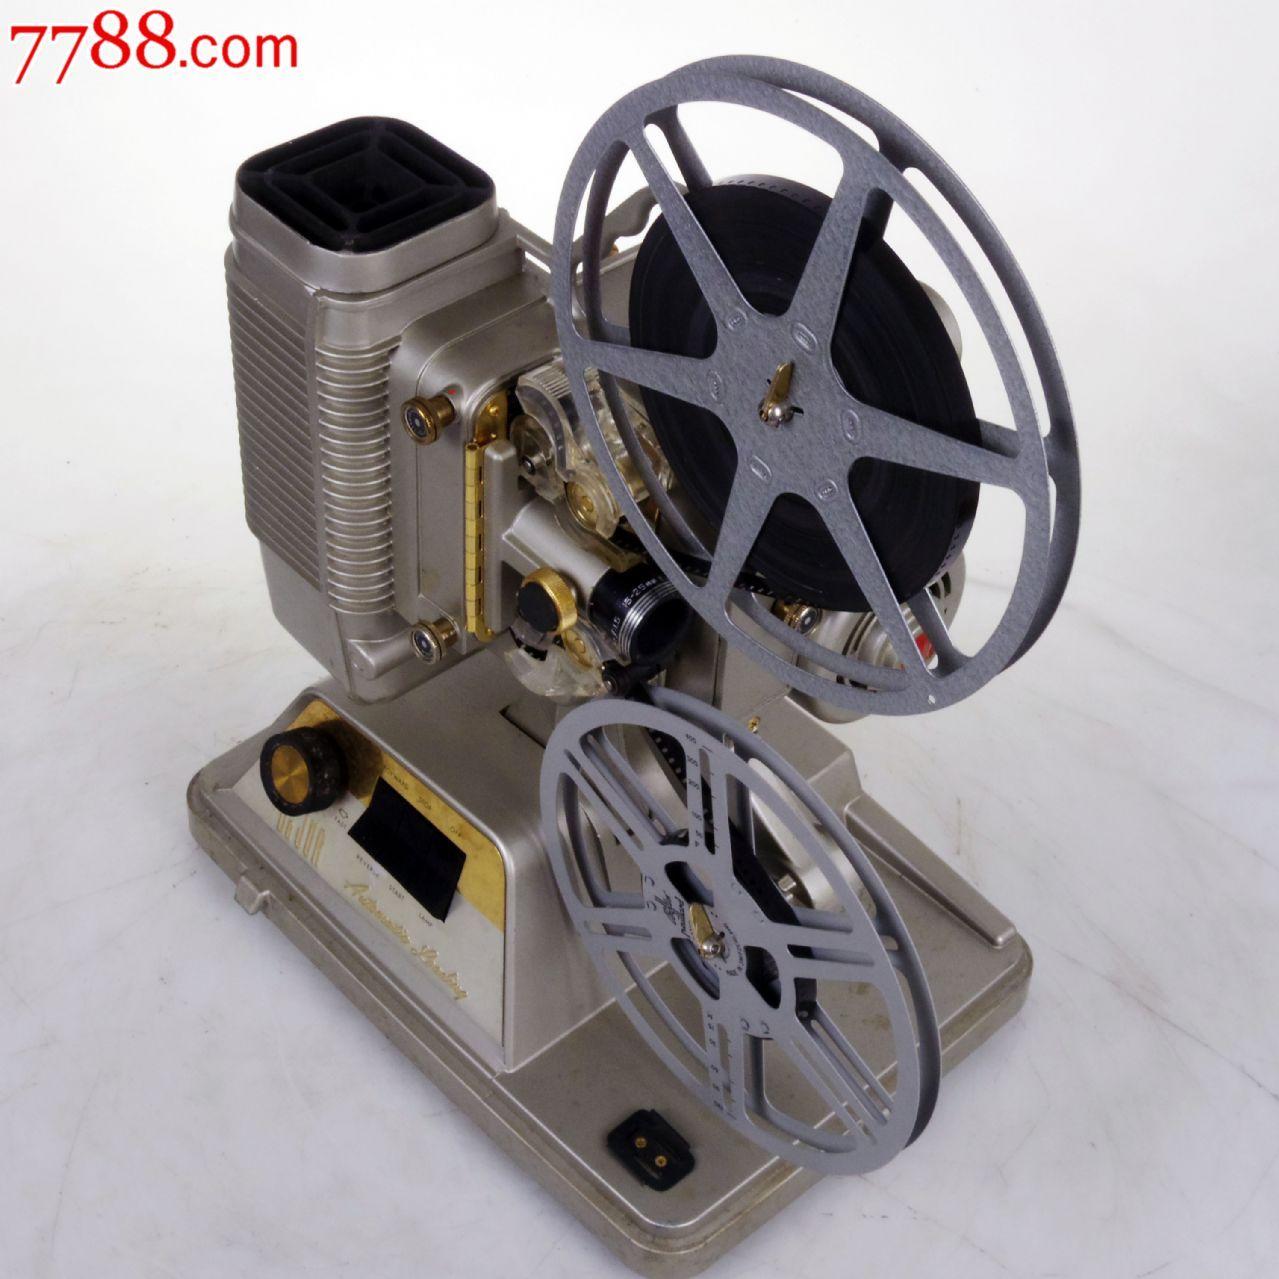 老物件迪赳dejur8毫米8mm电影机放映机可正常放映瑕疵图片